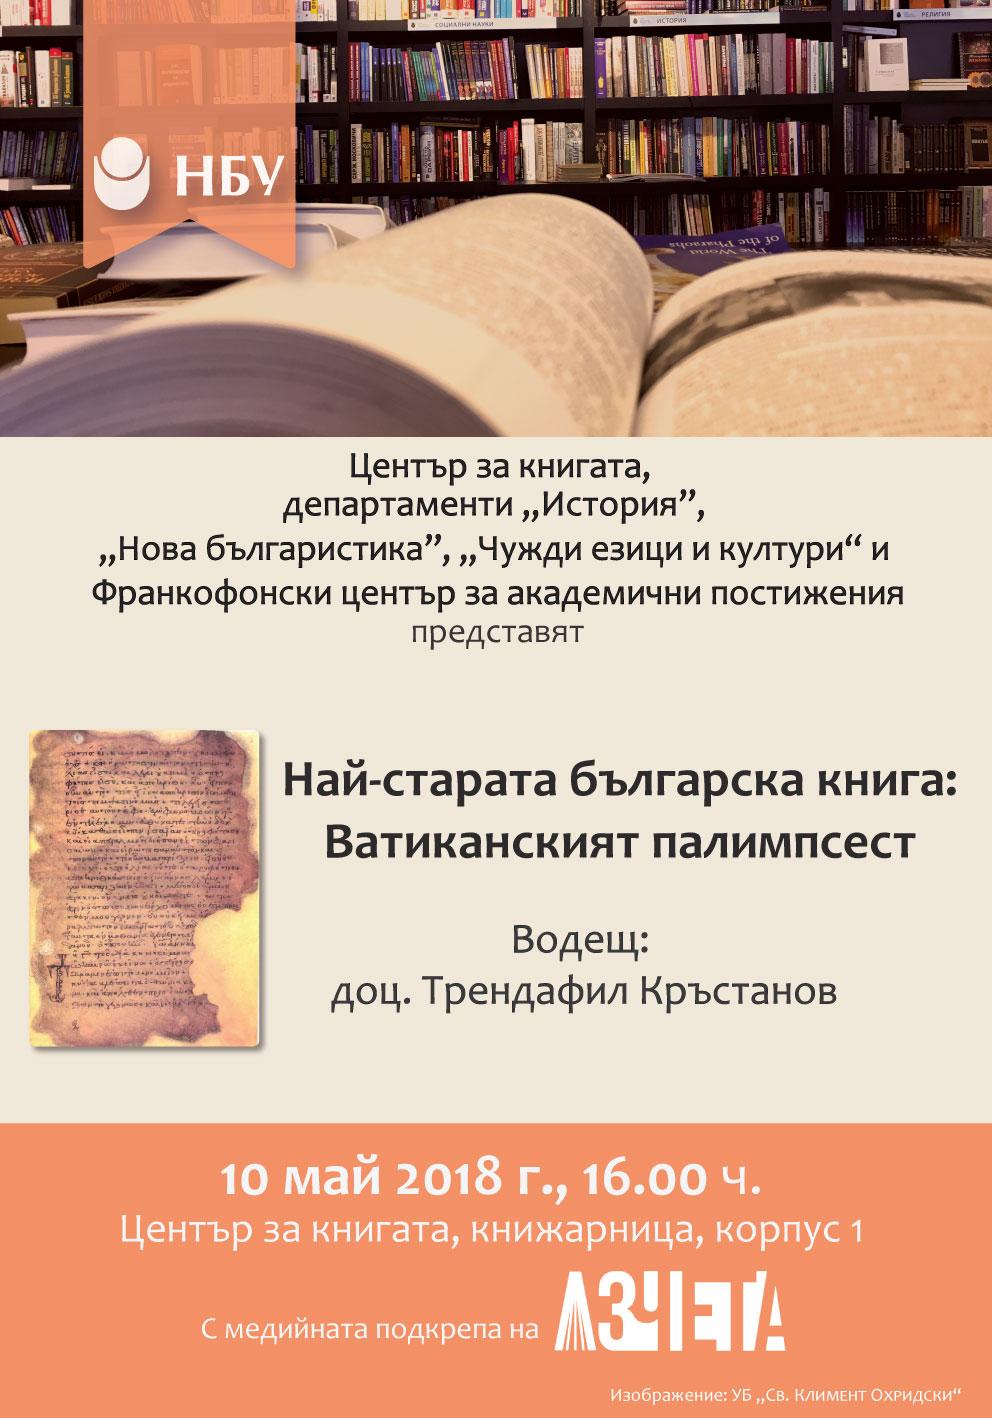 """Семинар """"Най-старата българска книга: Ватиканският палимпсест"""""""